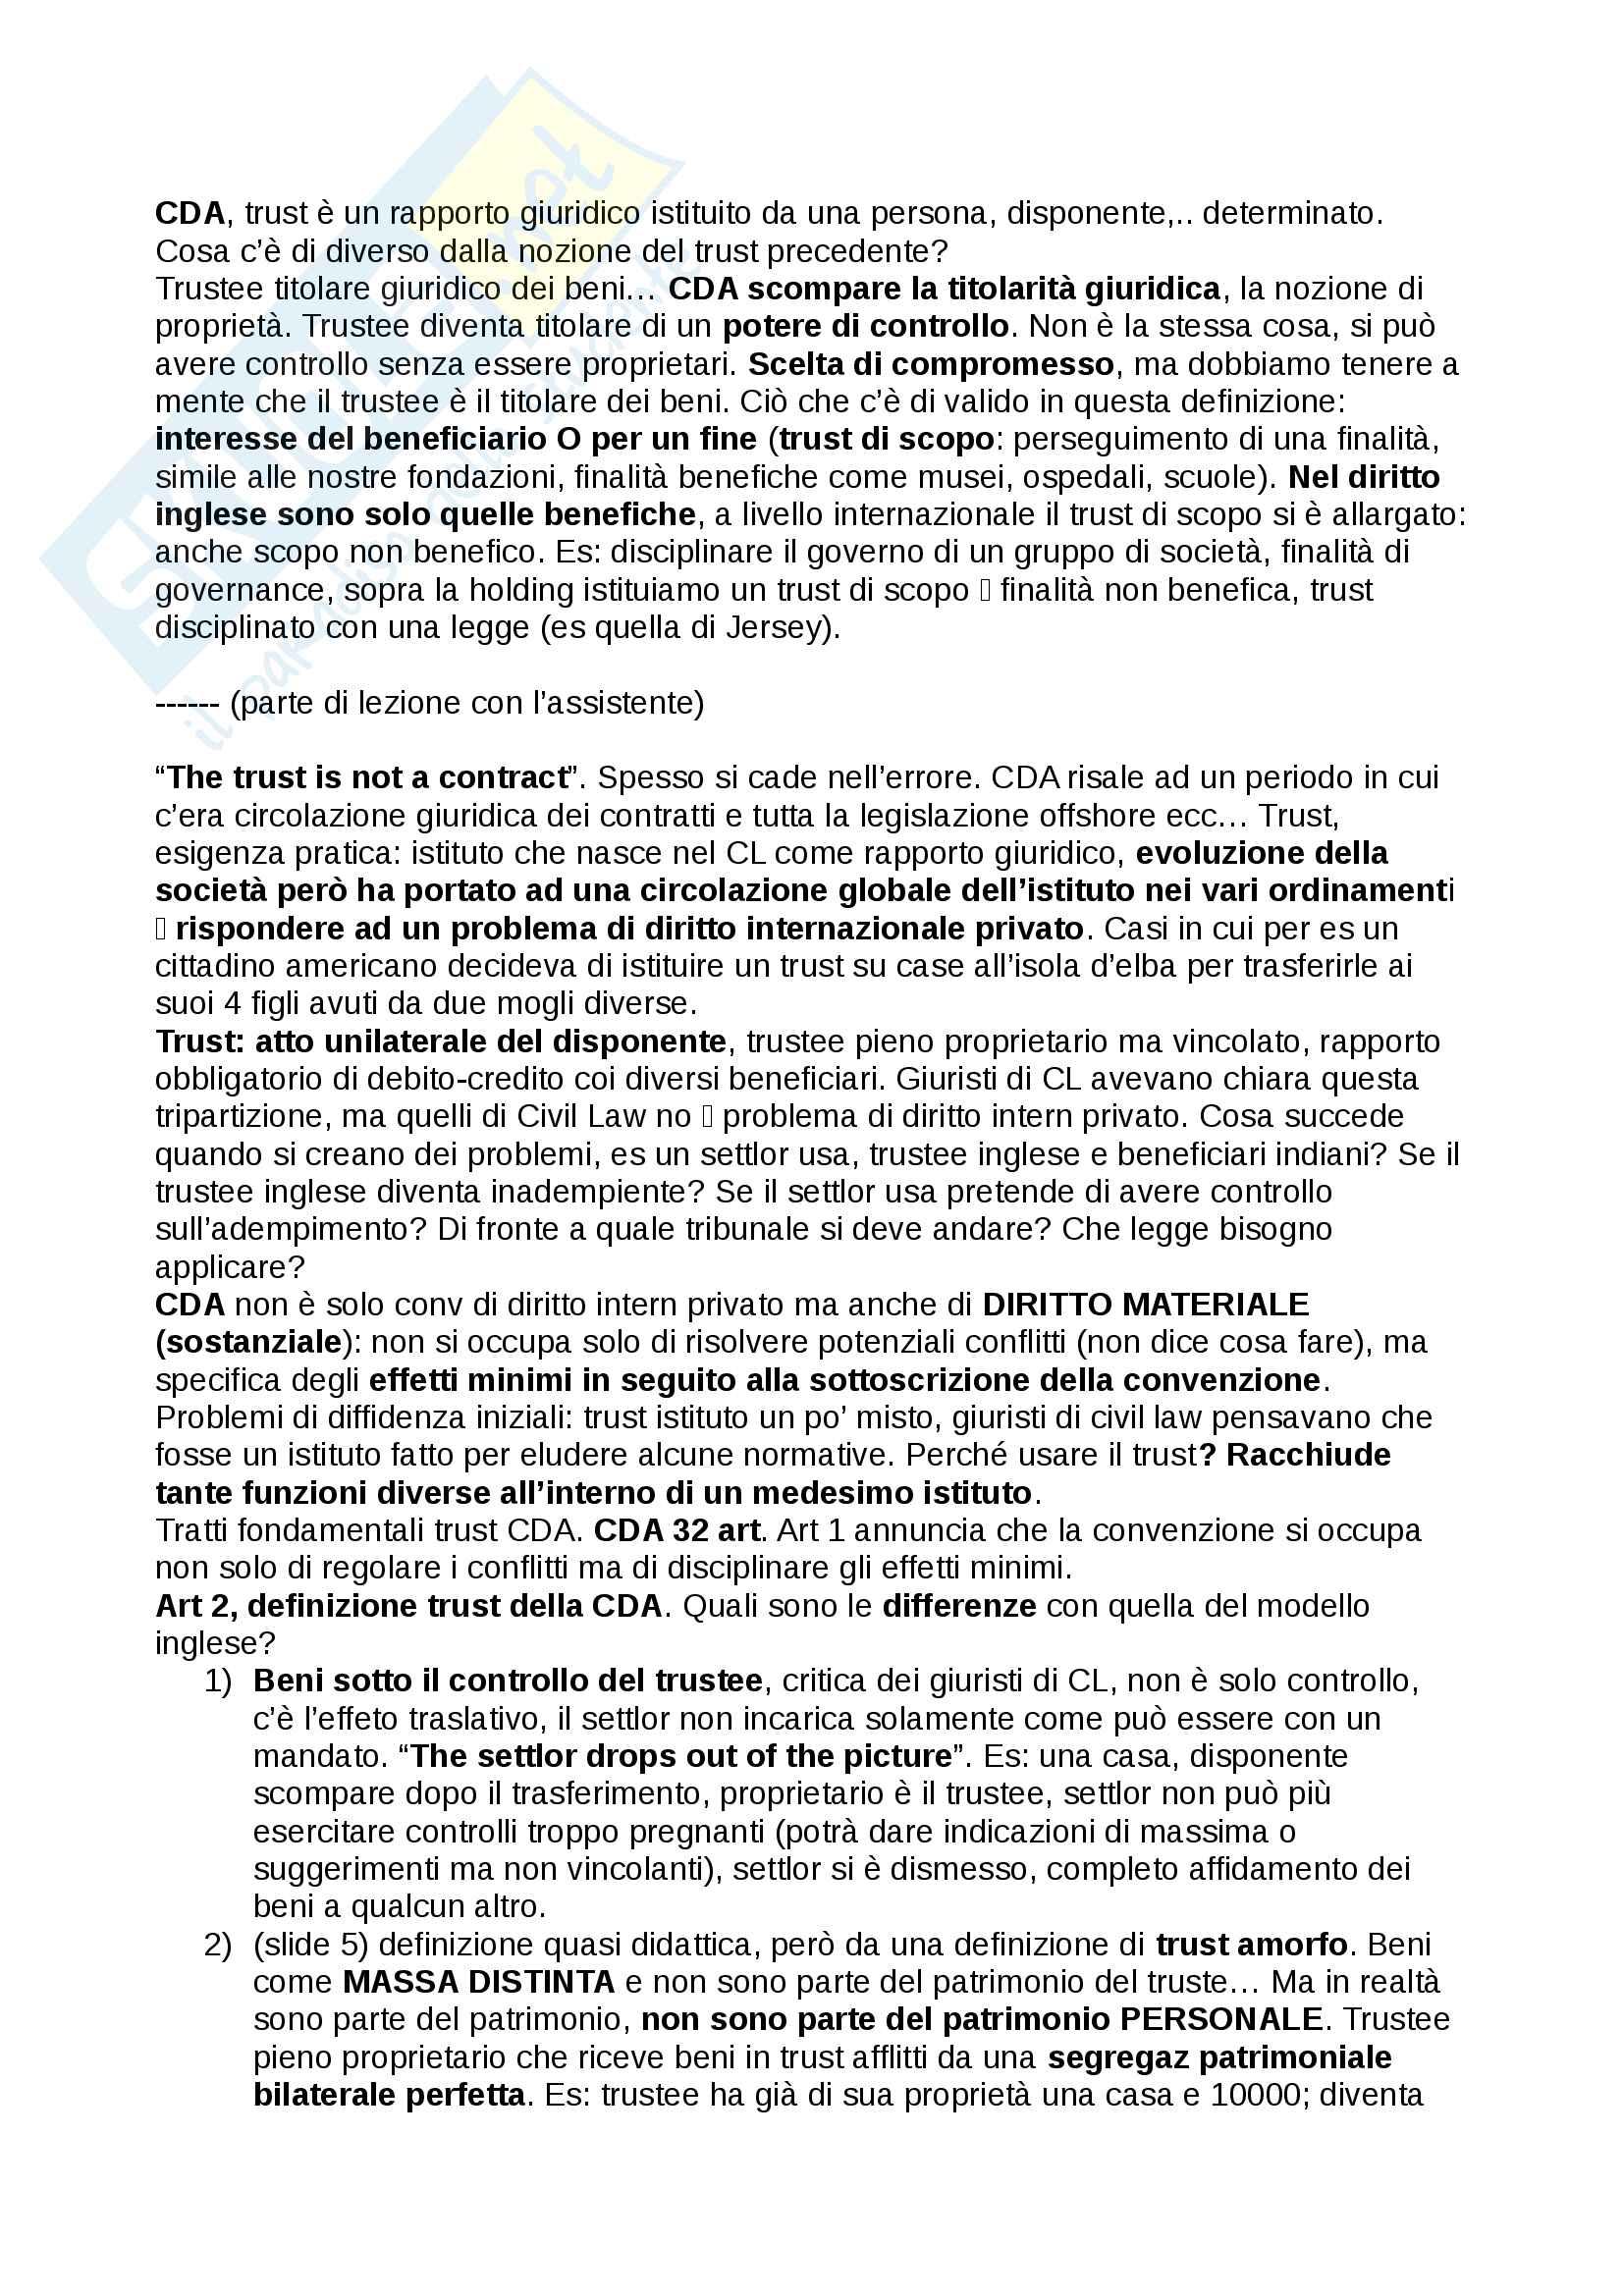 Trust, definizioni e casistiche - Diritto Commerciale Pag. 2